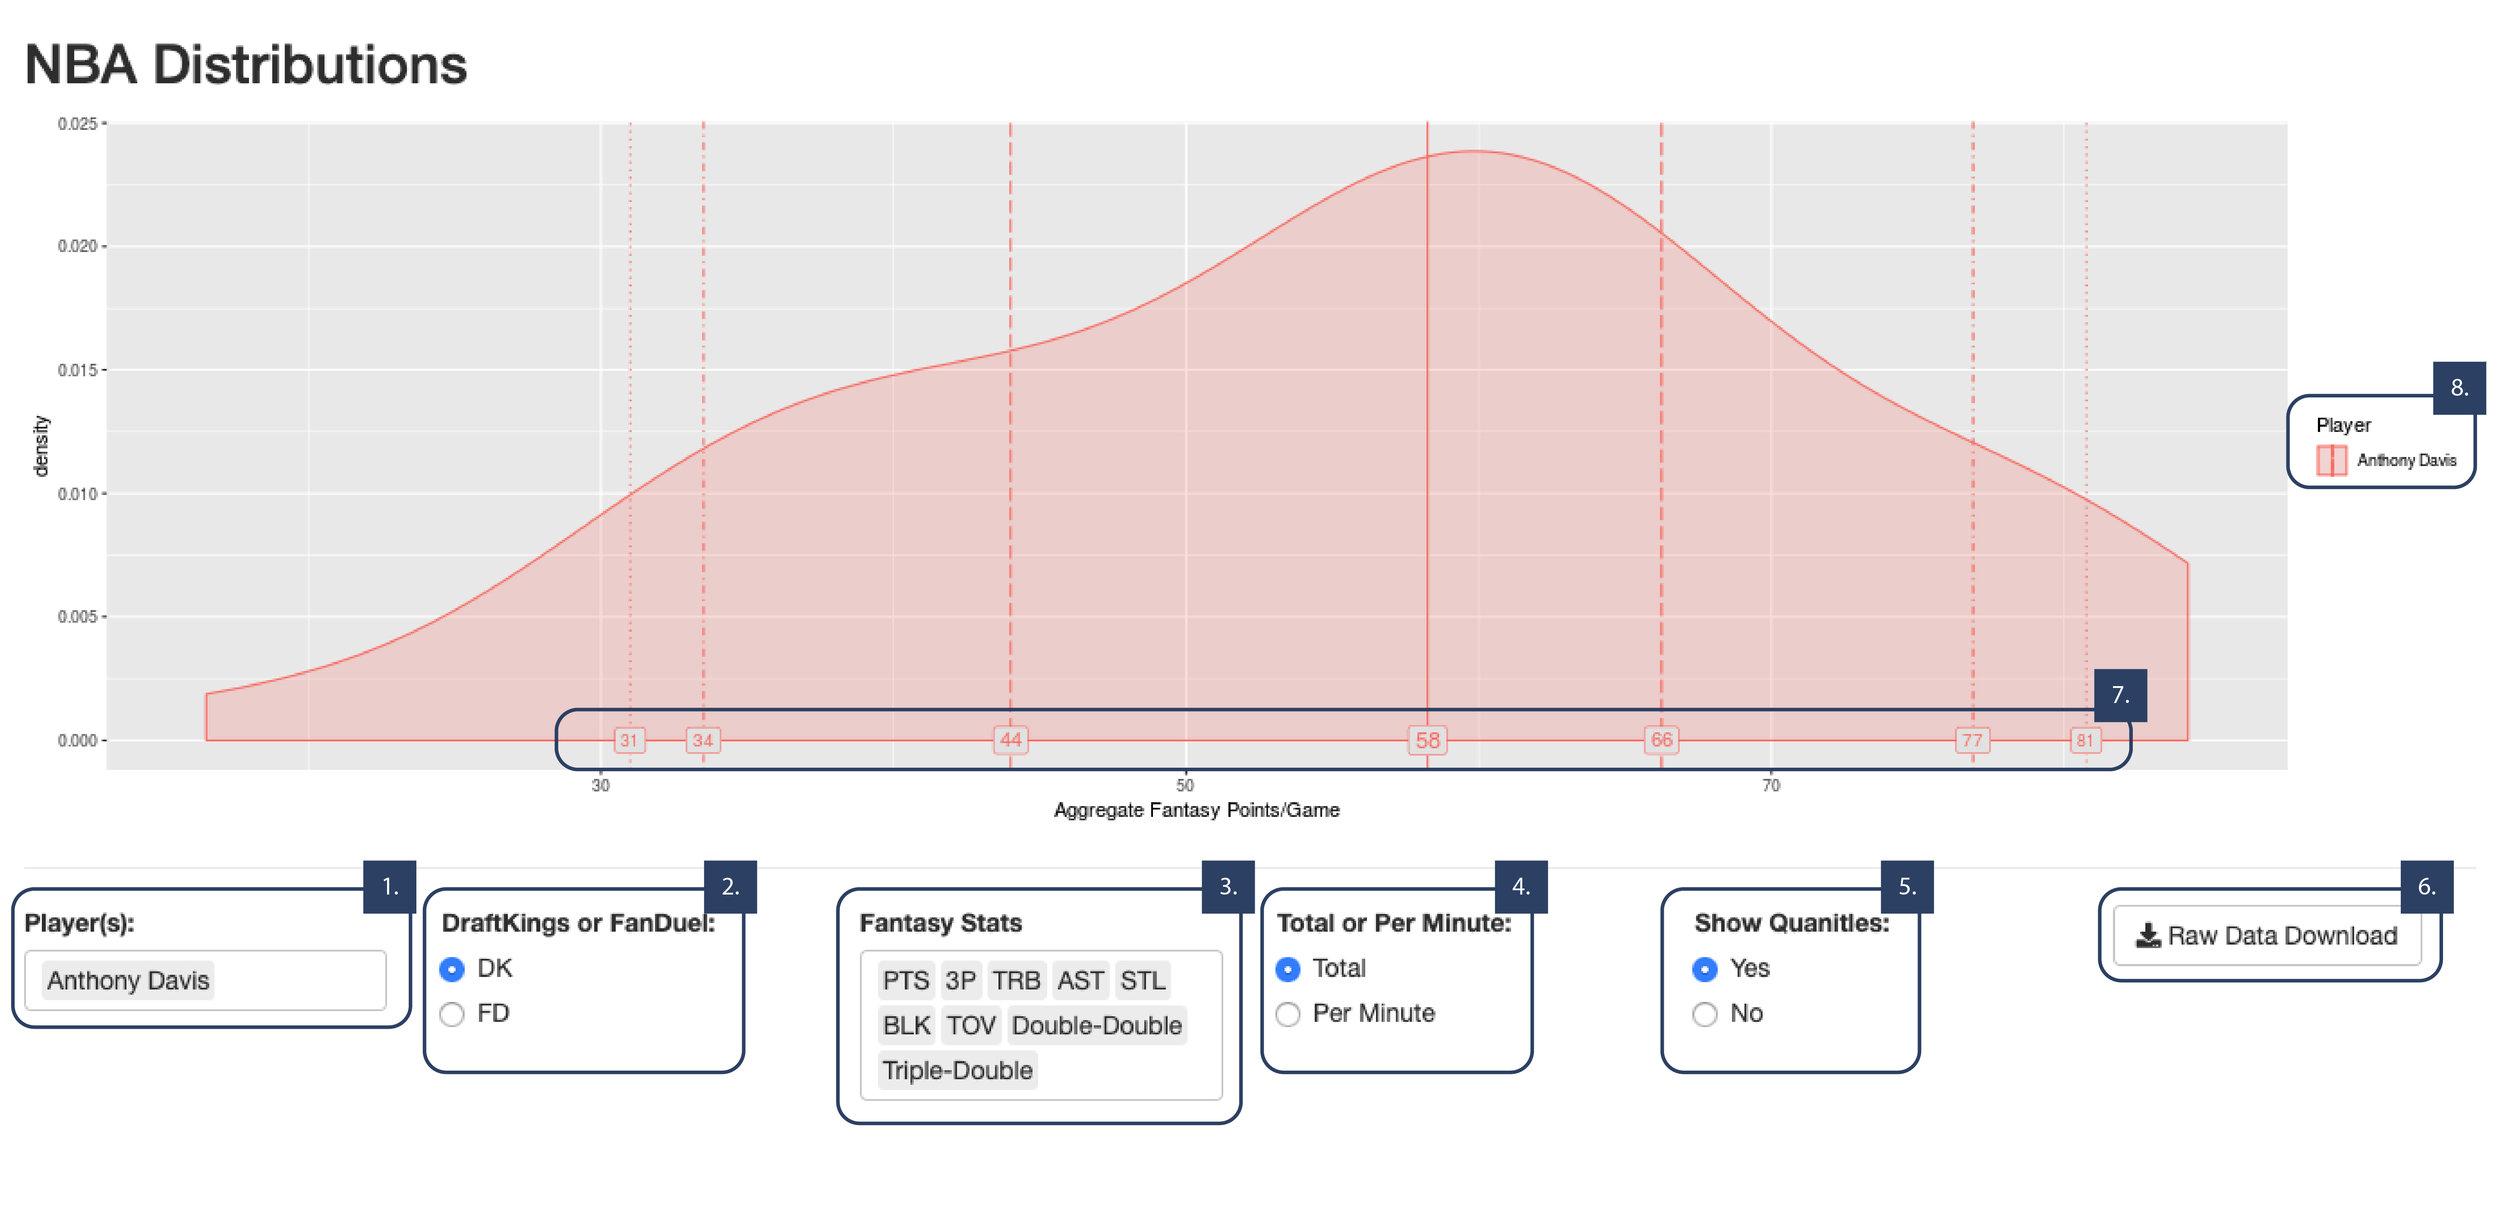 NBA_player distributions-09.jpg